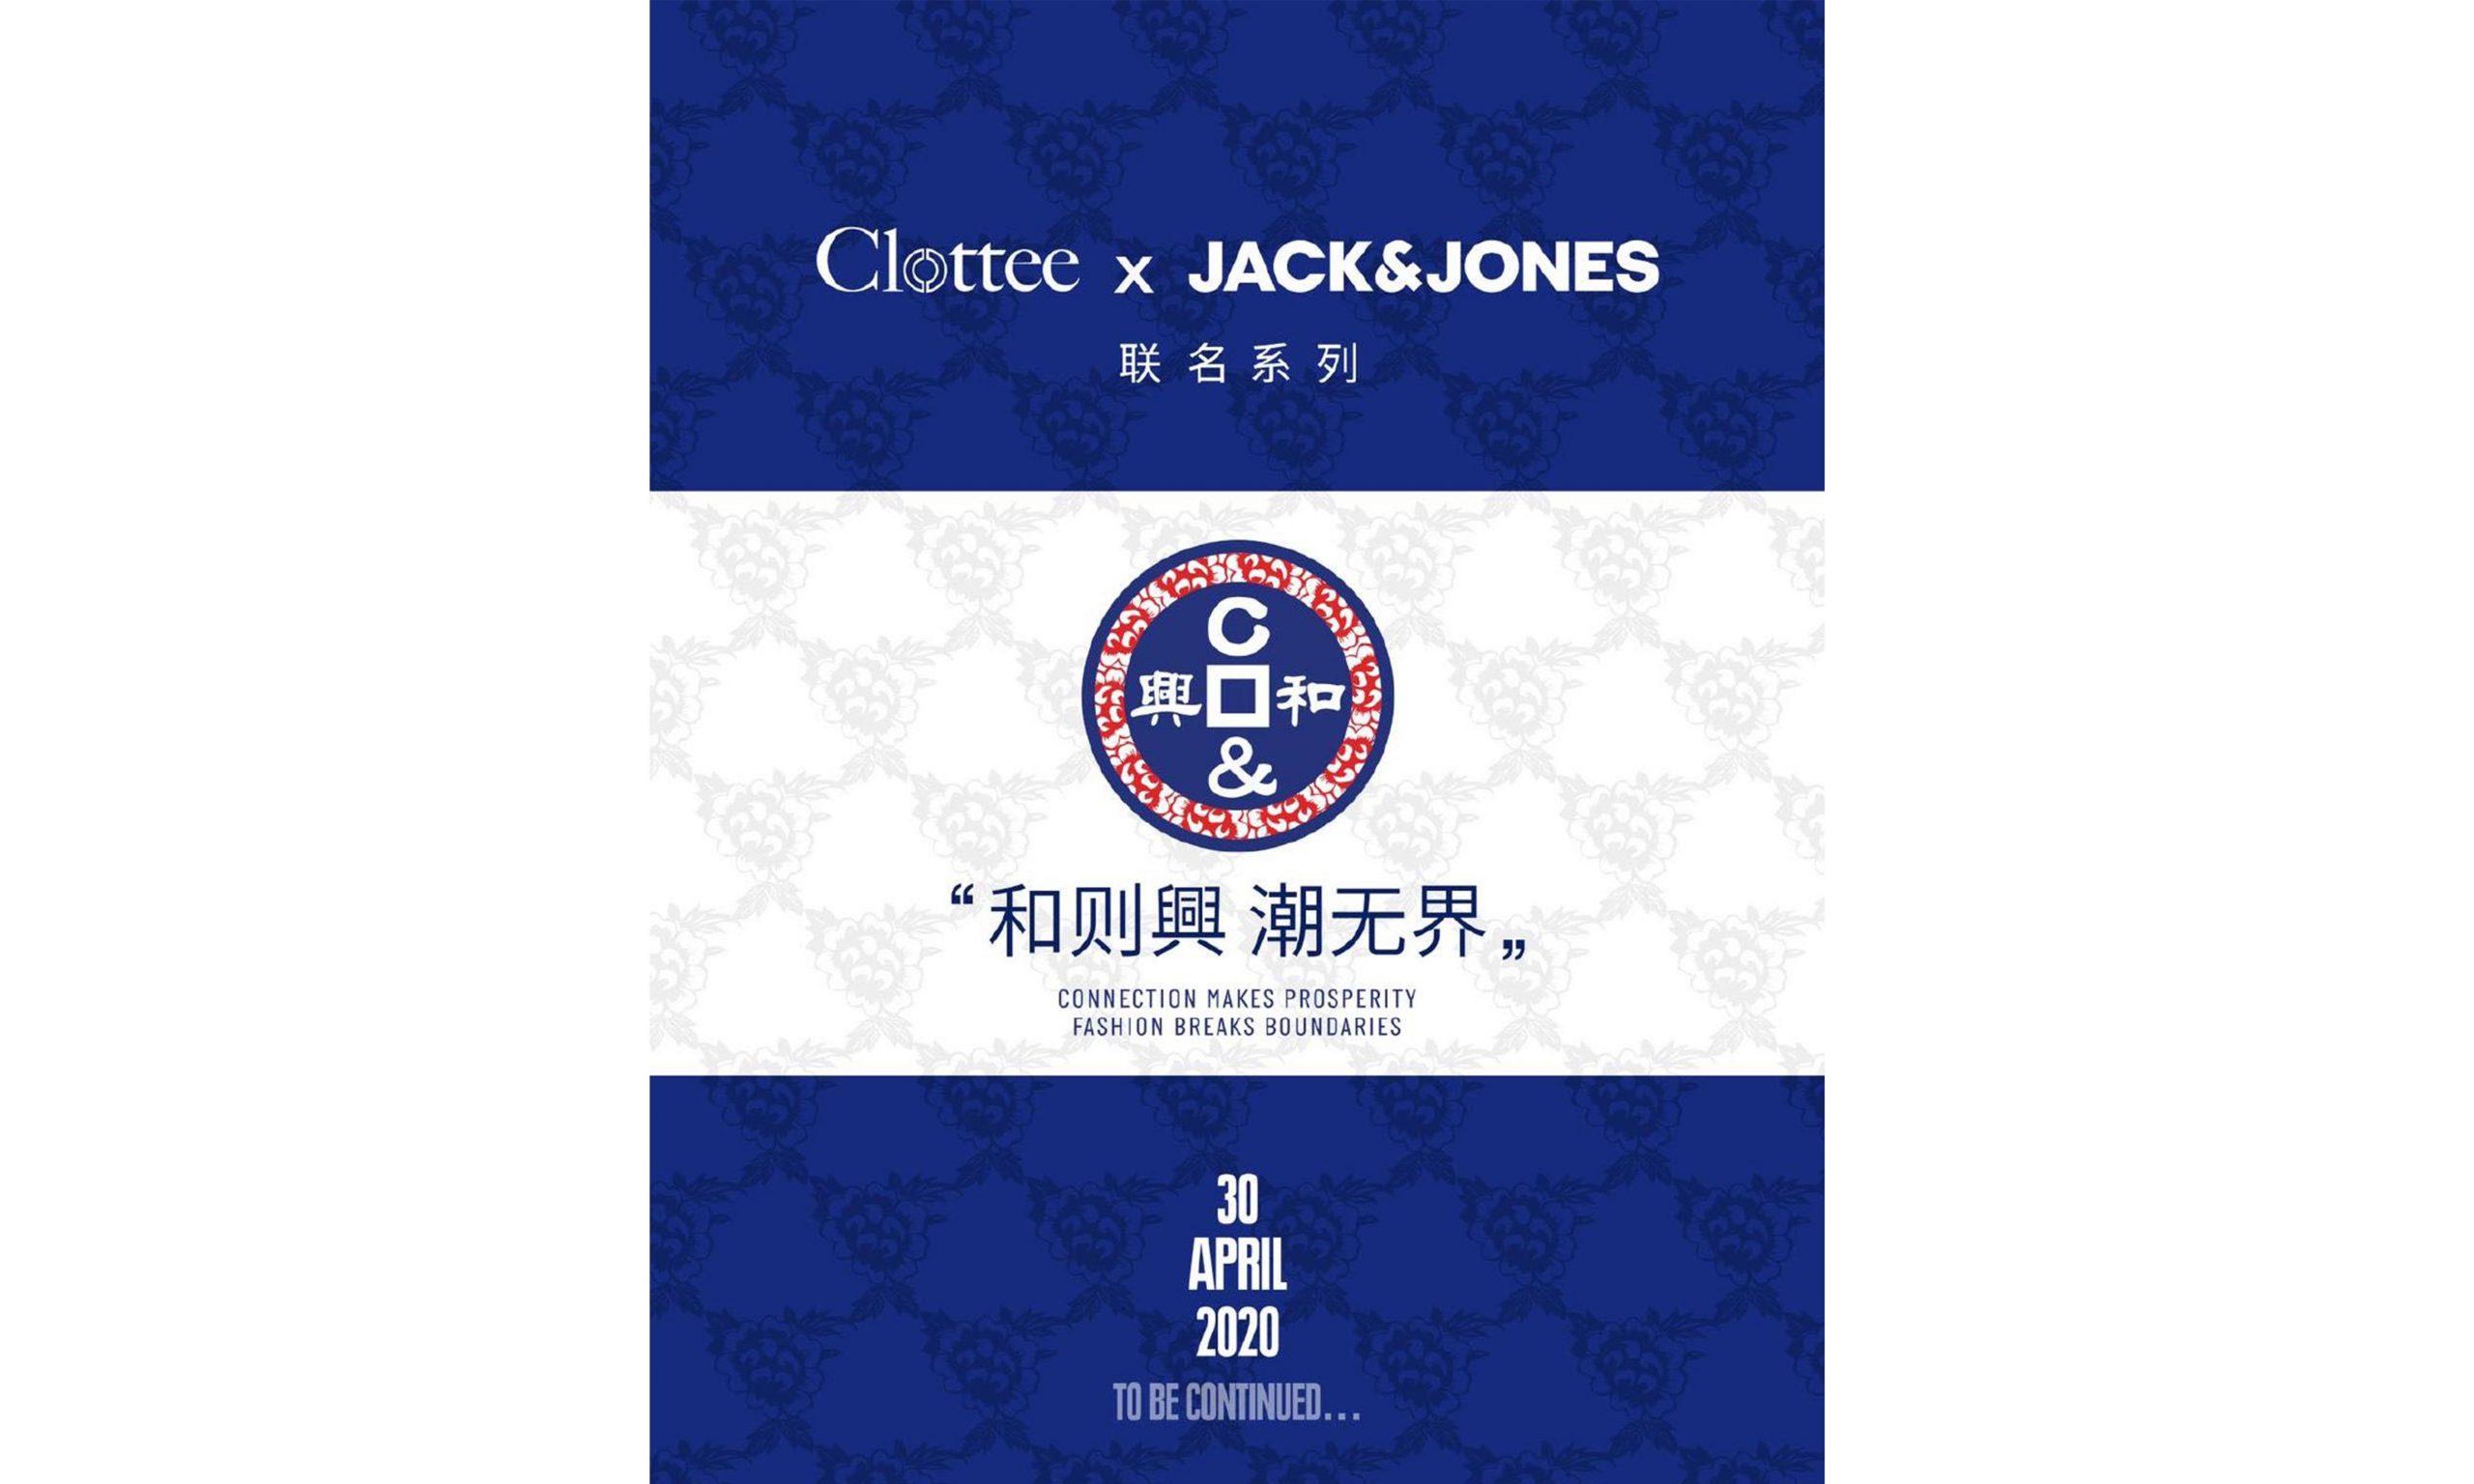 Clottee 联手 JACK&JONES 推出「和则興,潮无界」联名系列